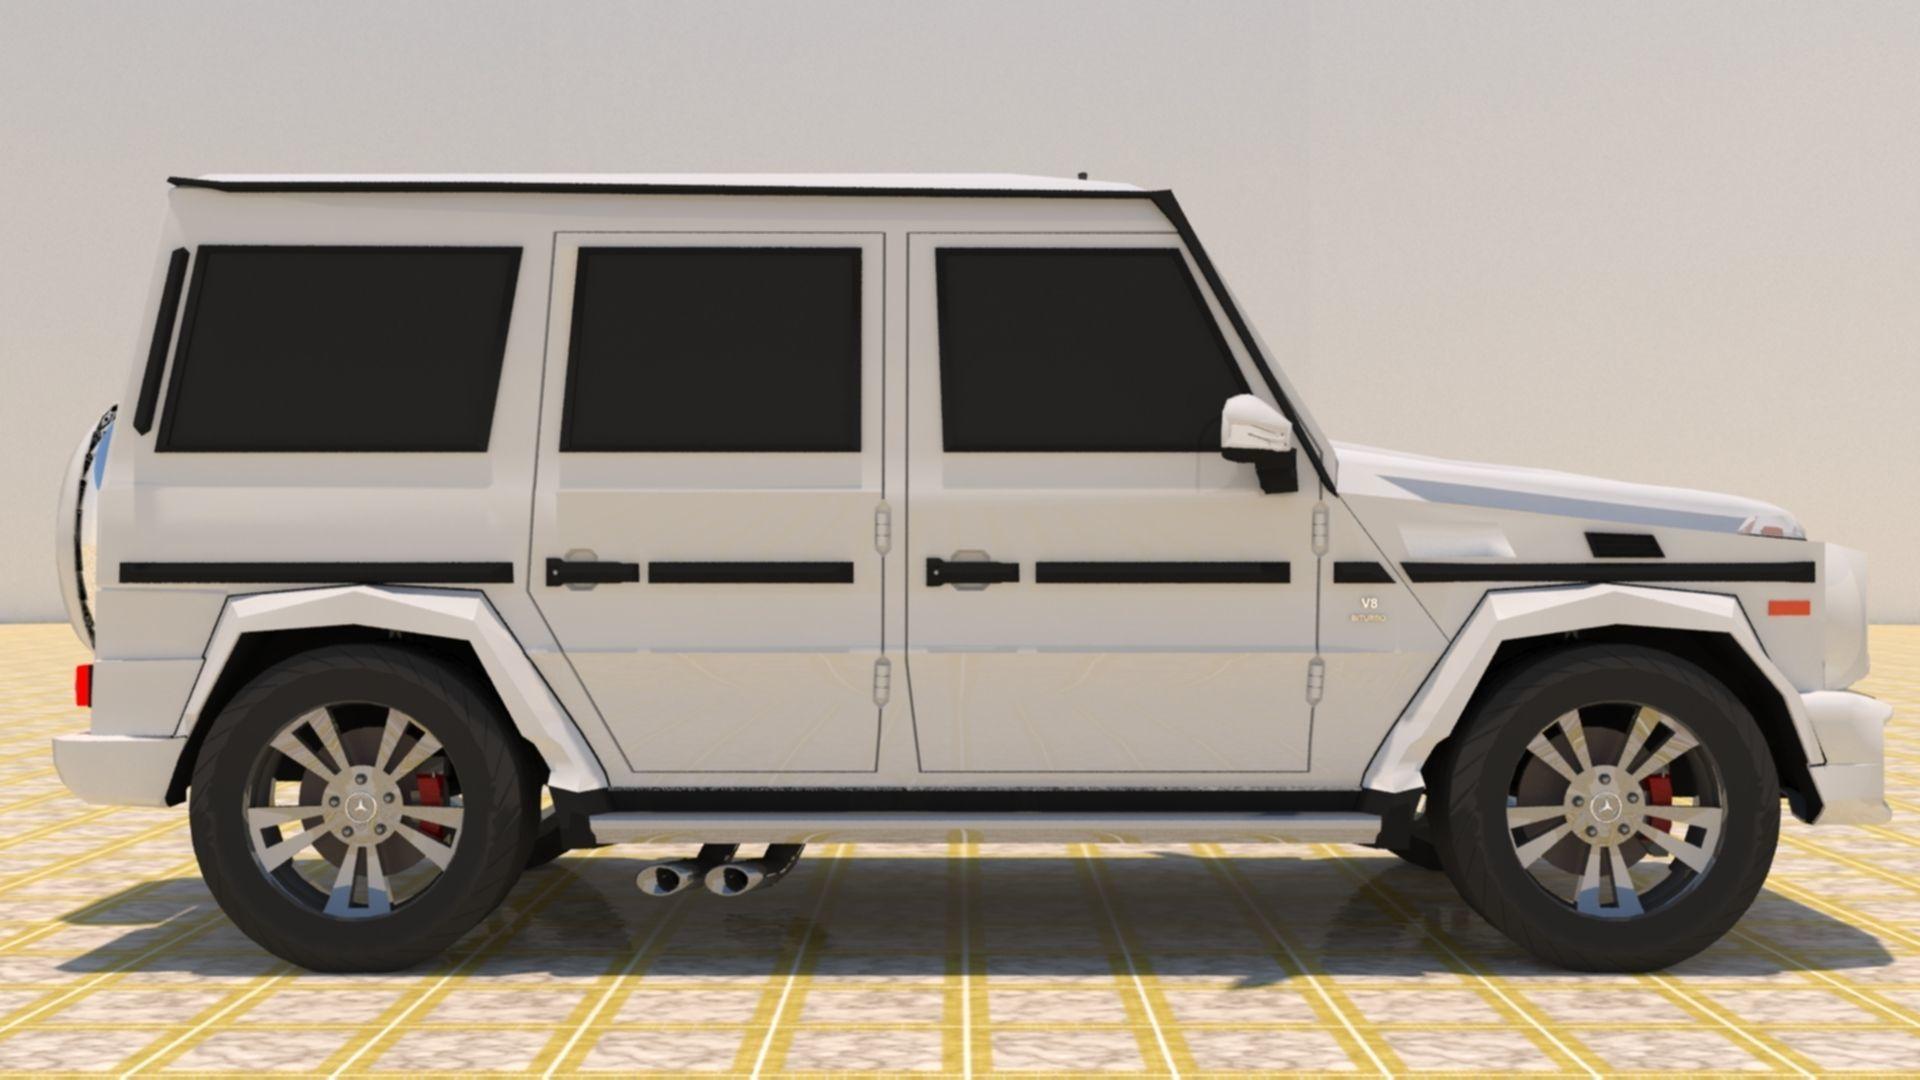 MERCEDES BENZ G550 G-WAGEN SUV G-CLASS